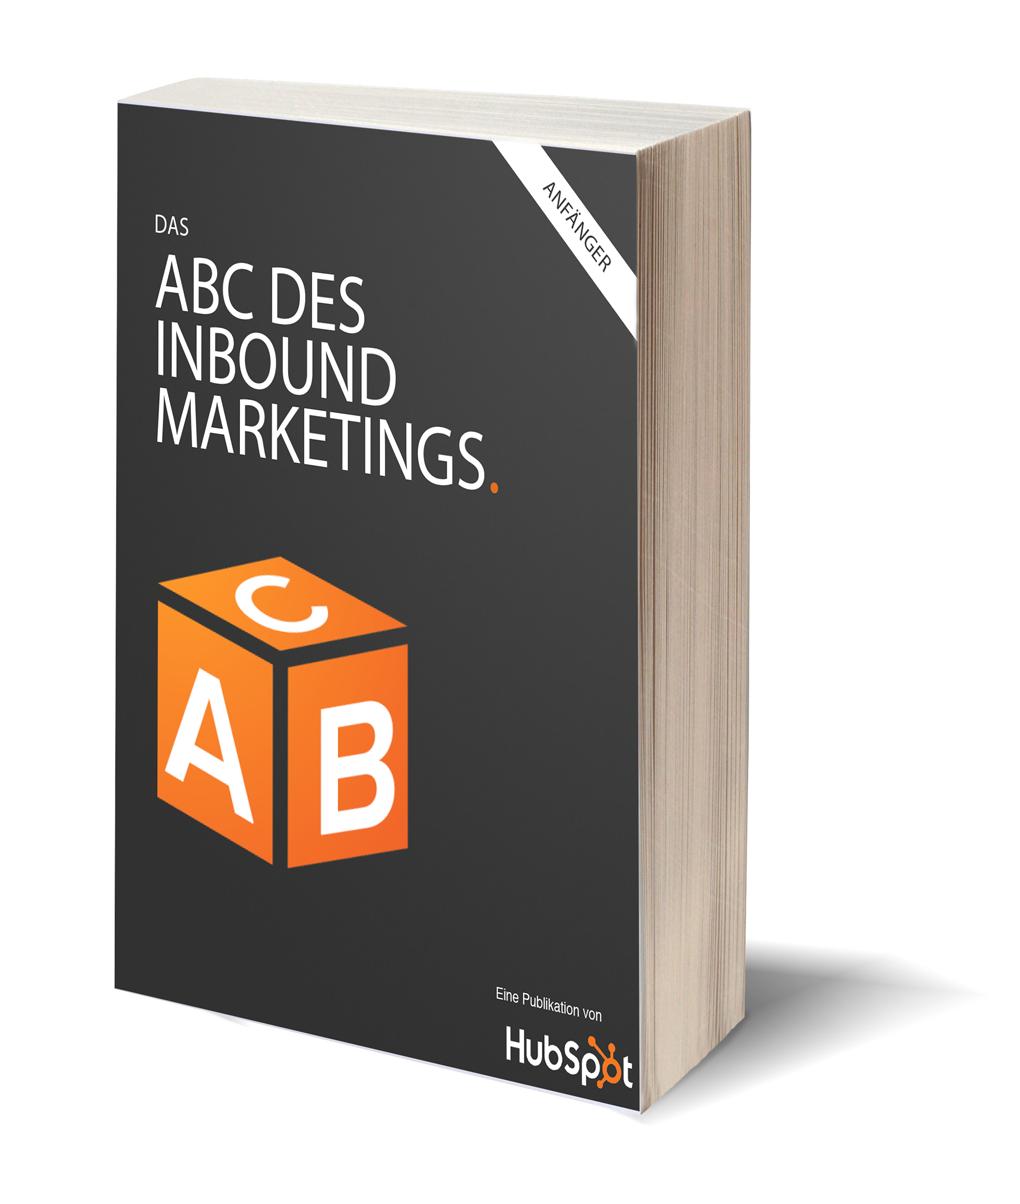 Das ABC des Inbound Marketings